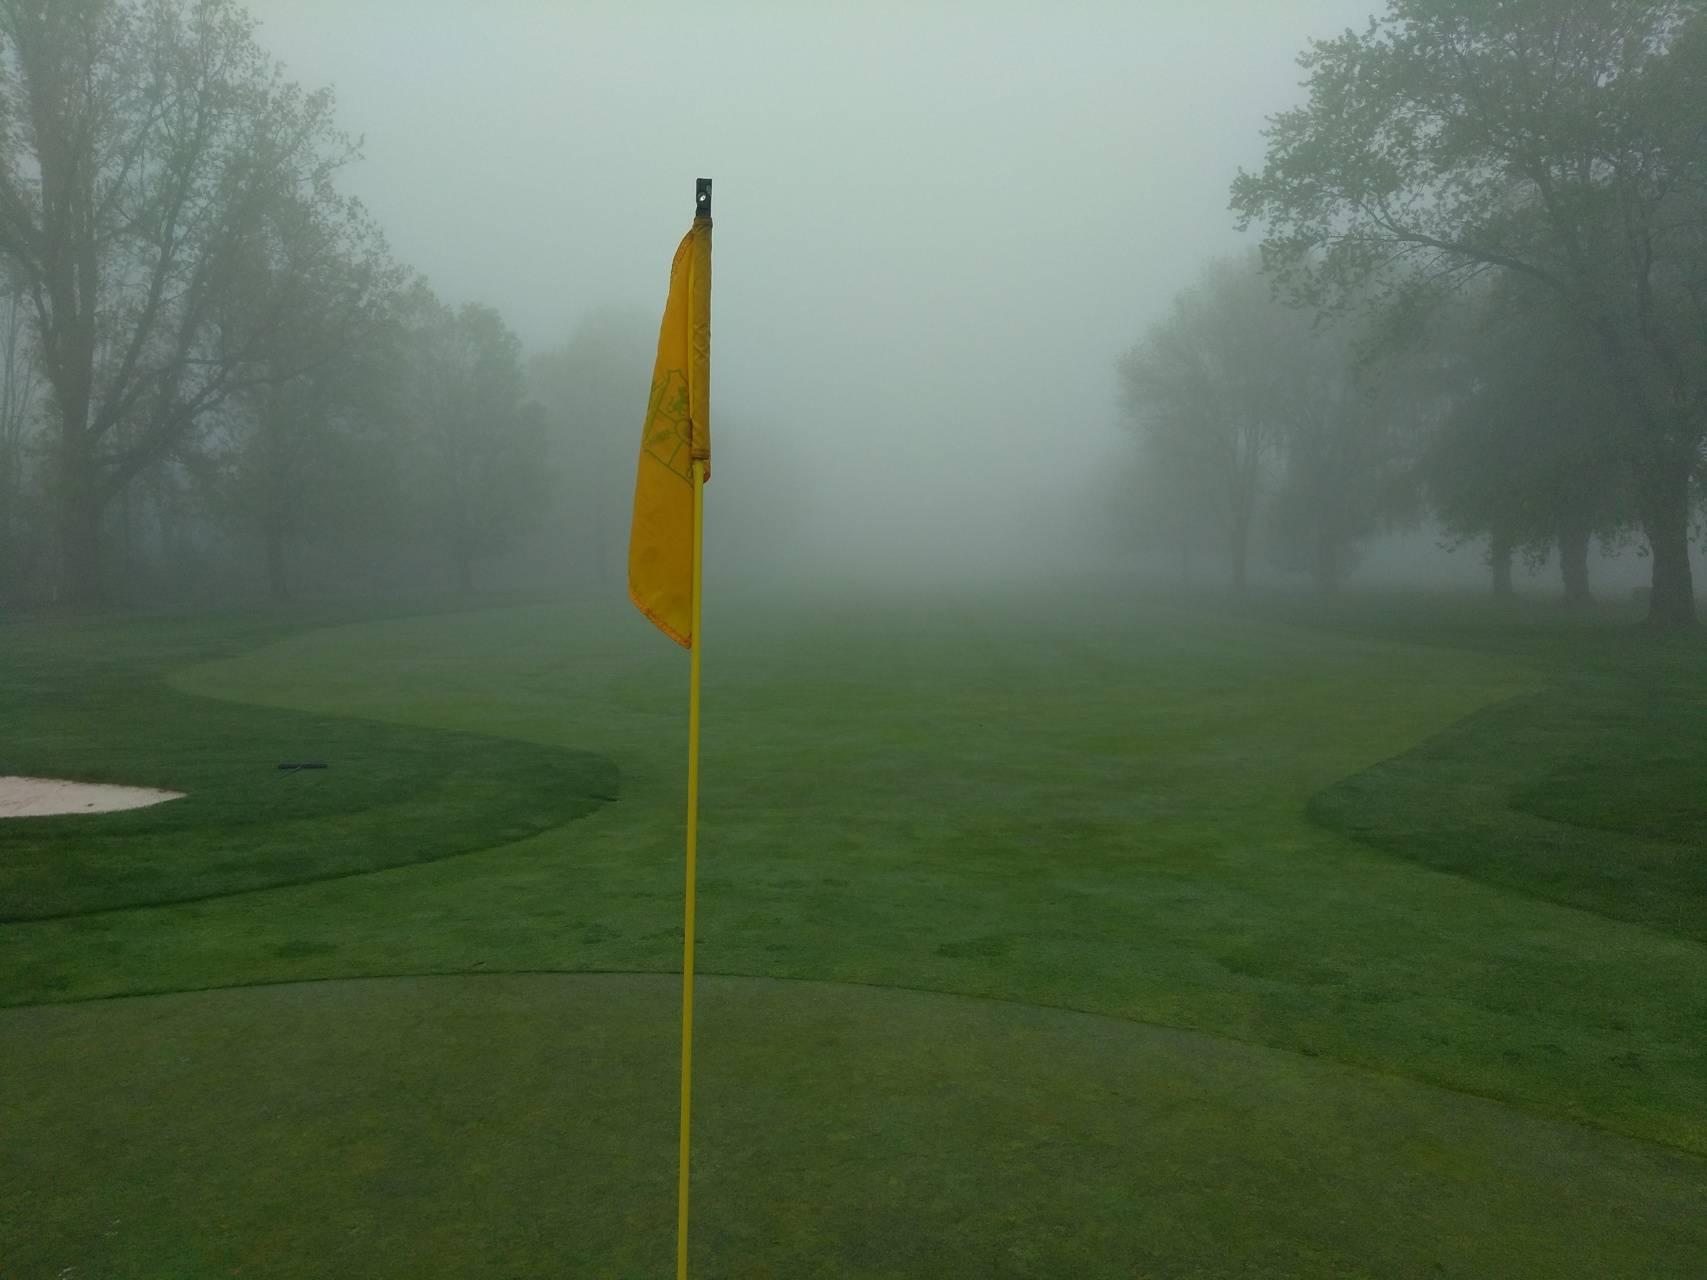 Golf foggy